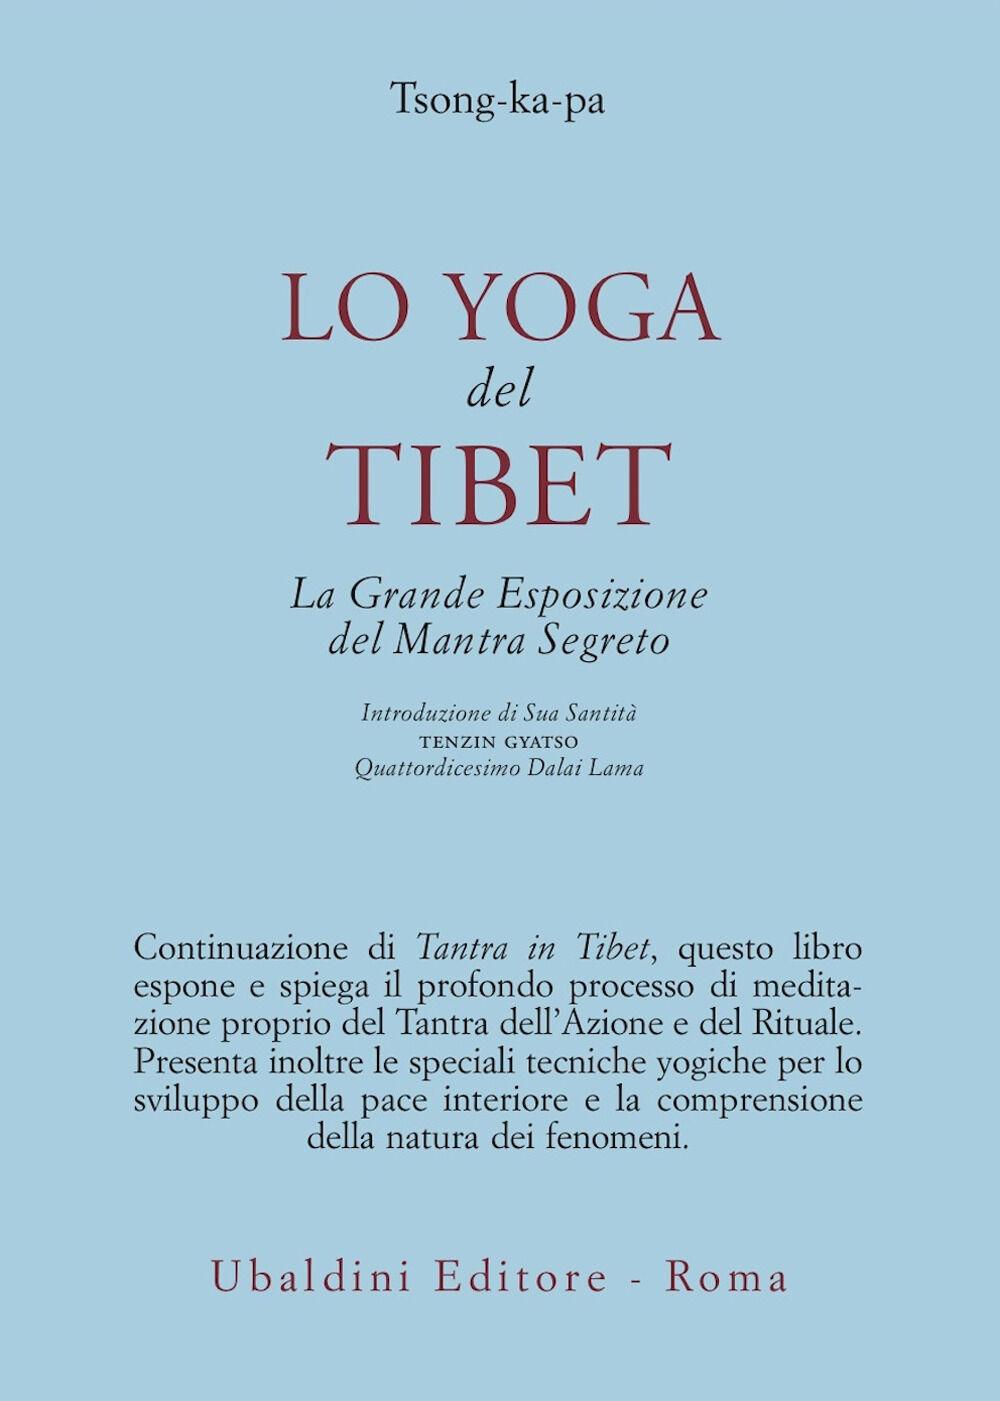 Lo yoga del Tibet. La grande esposizione del mantra segreto (parti seconda e terza)